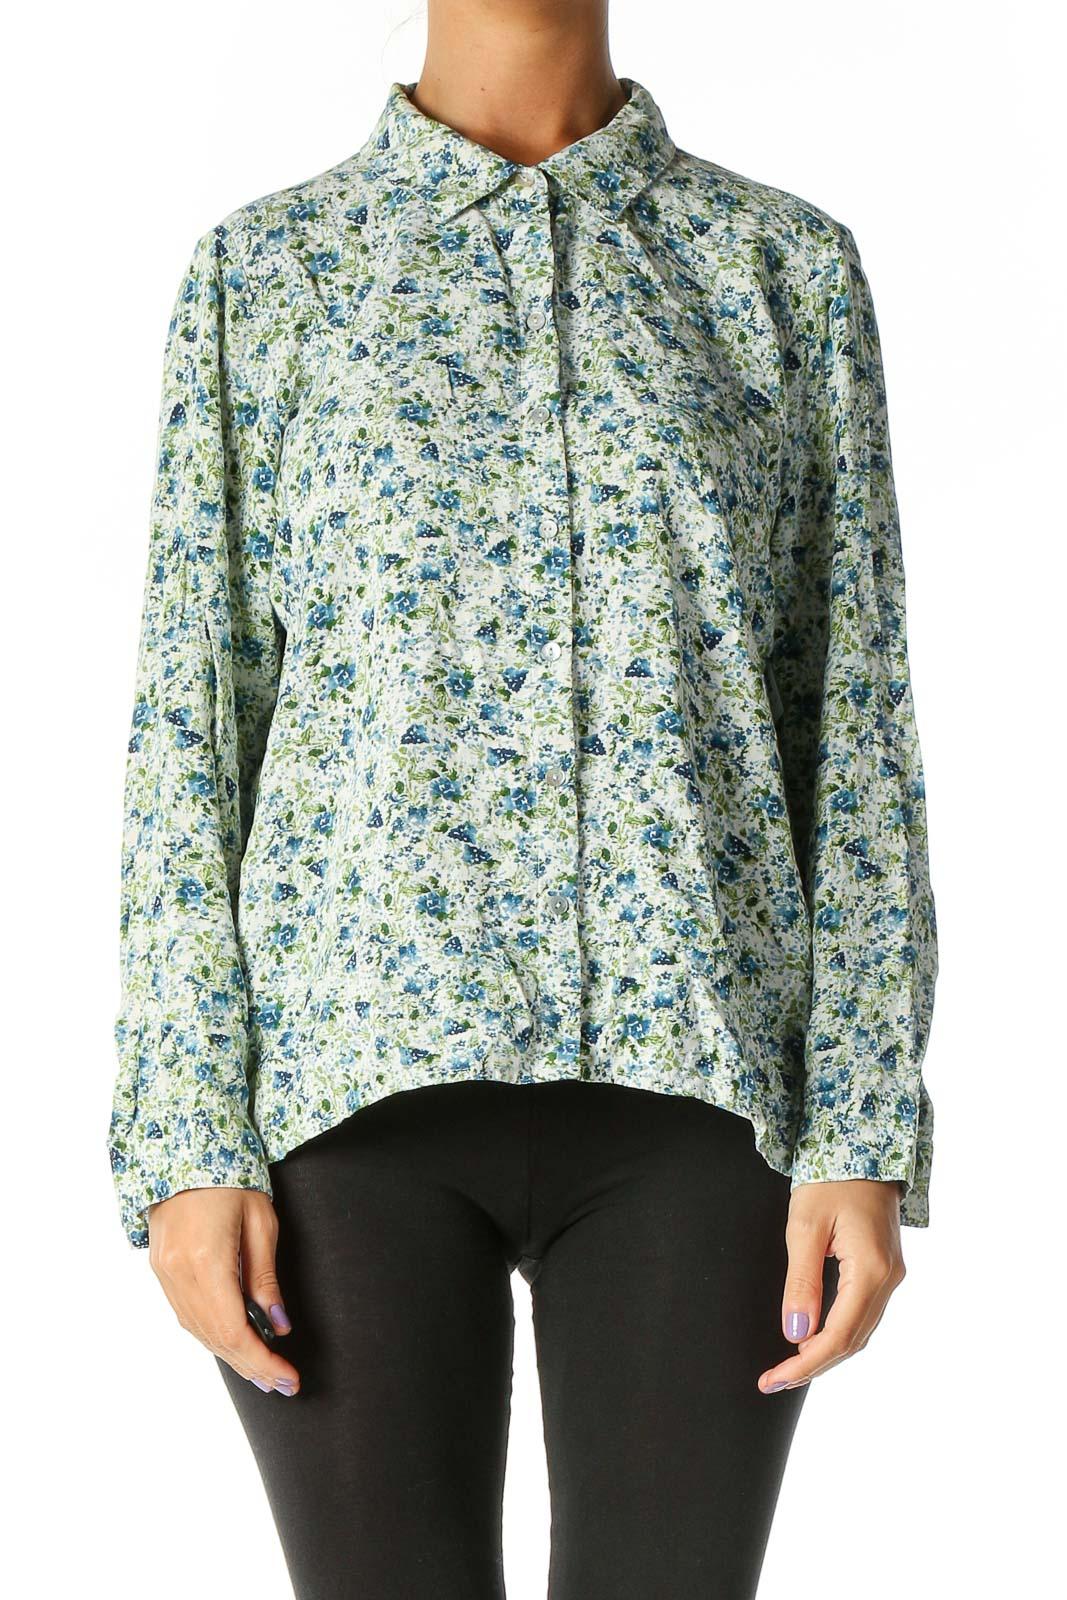 Blue Floral Print Retro Blouse Front